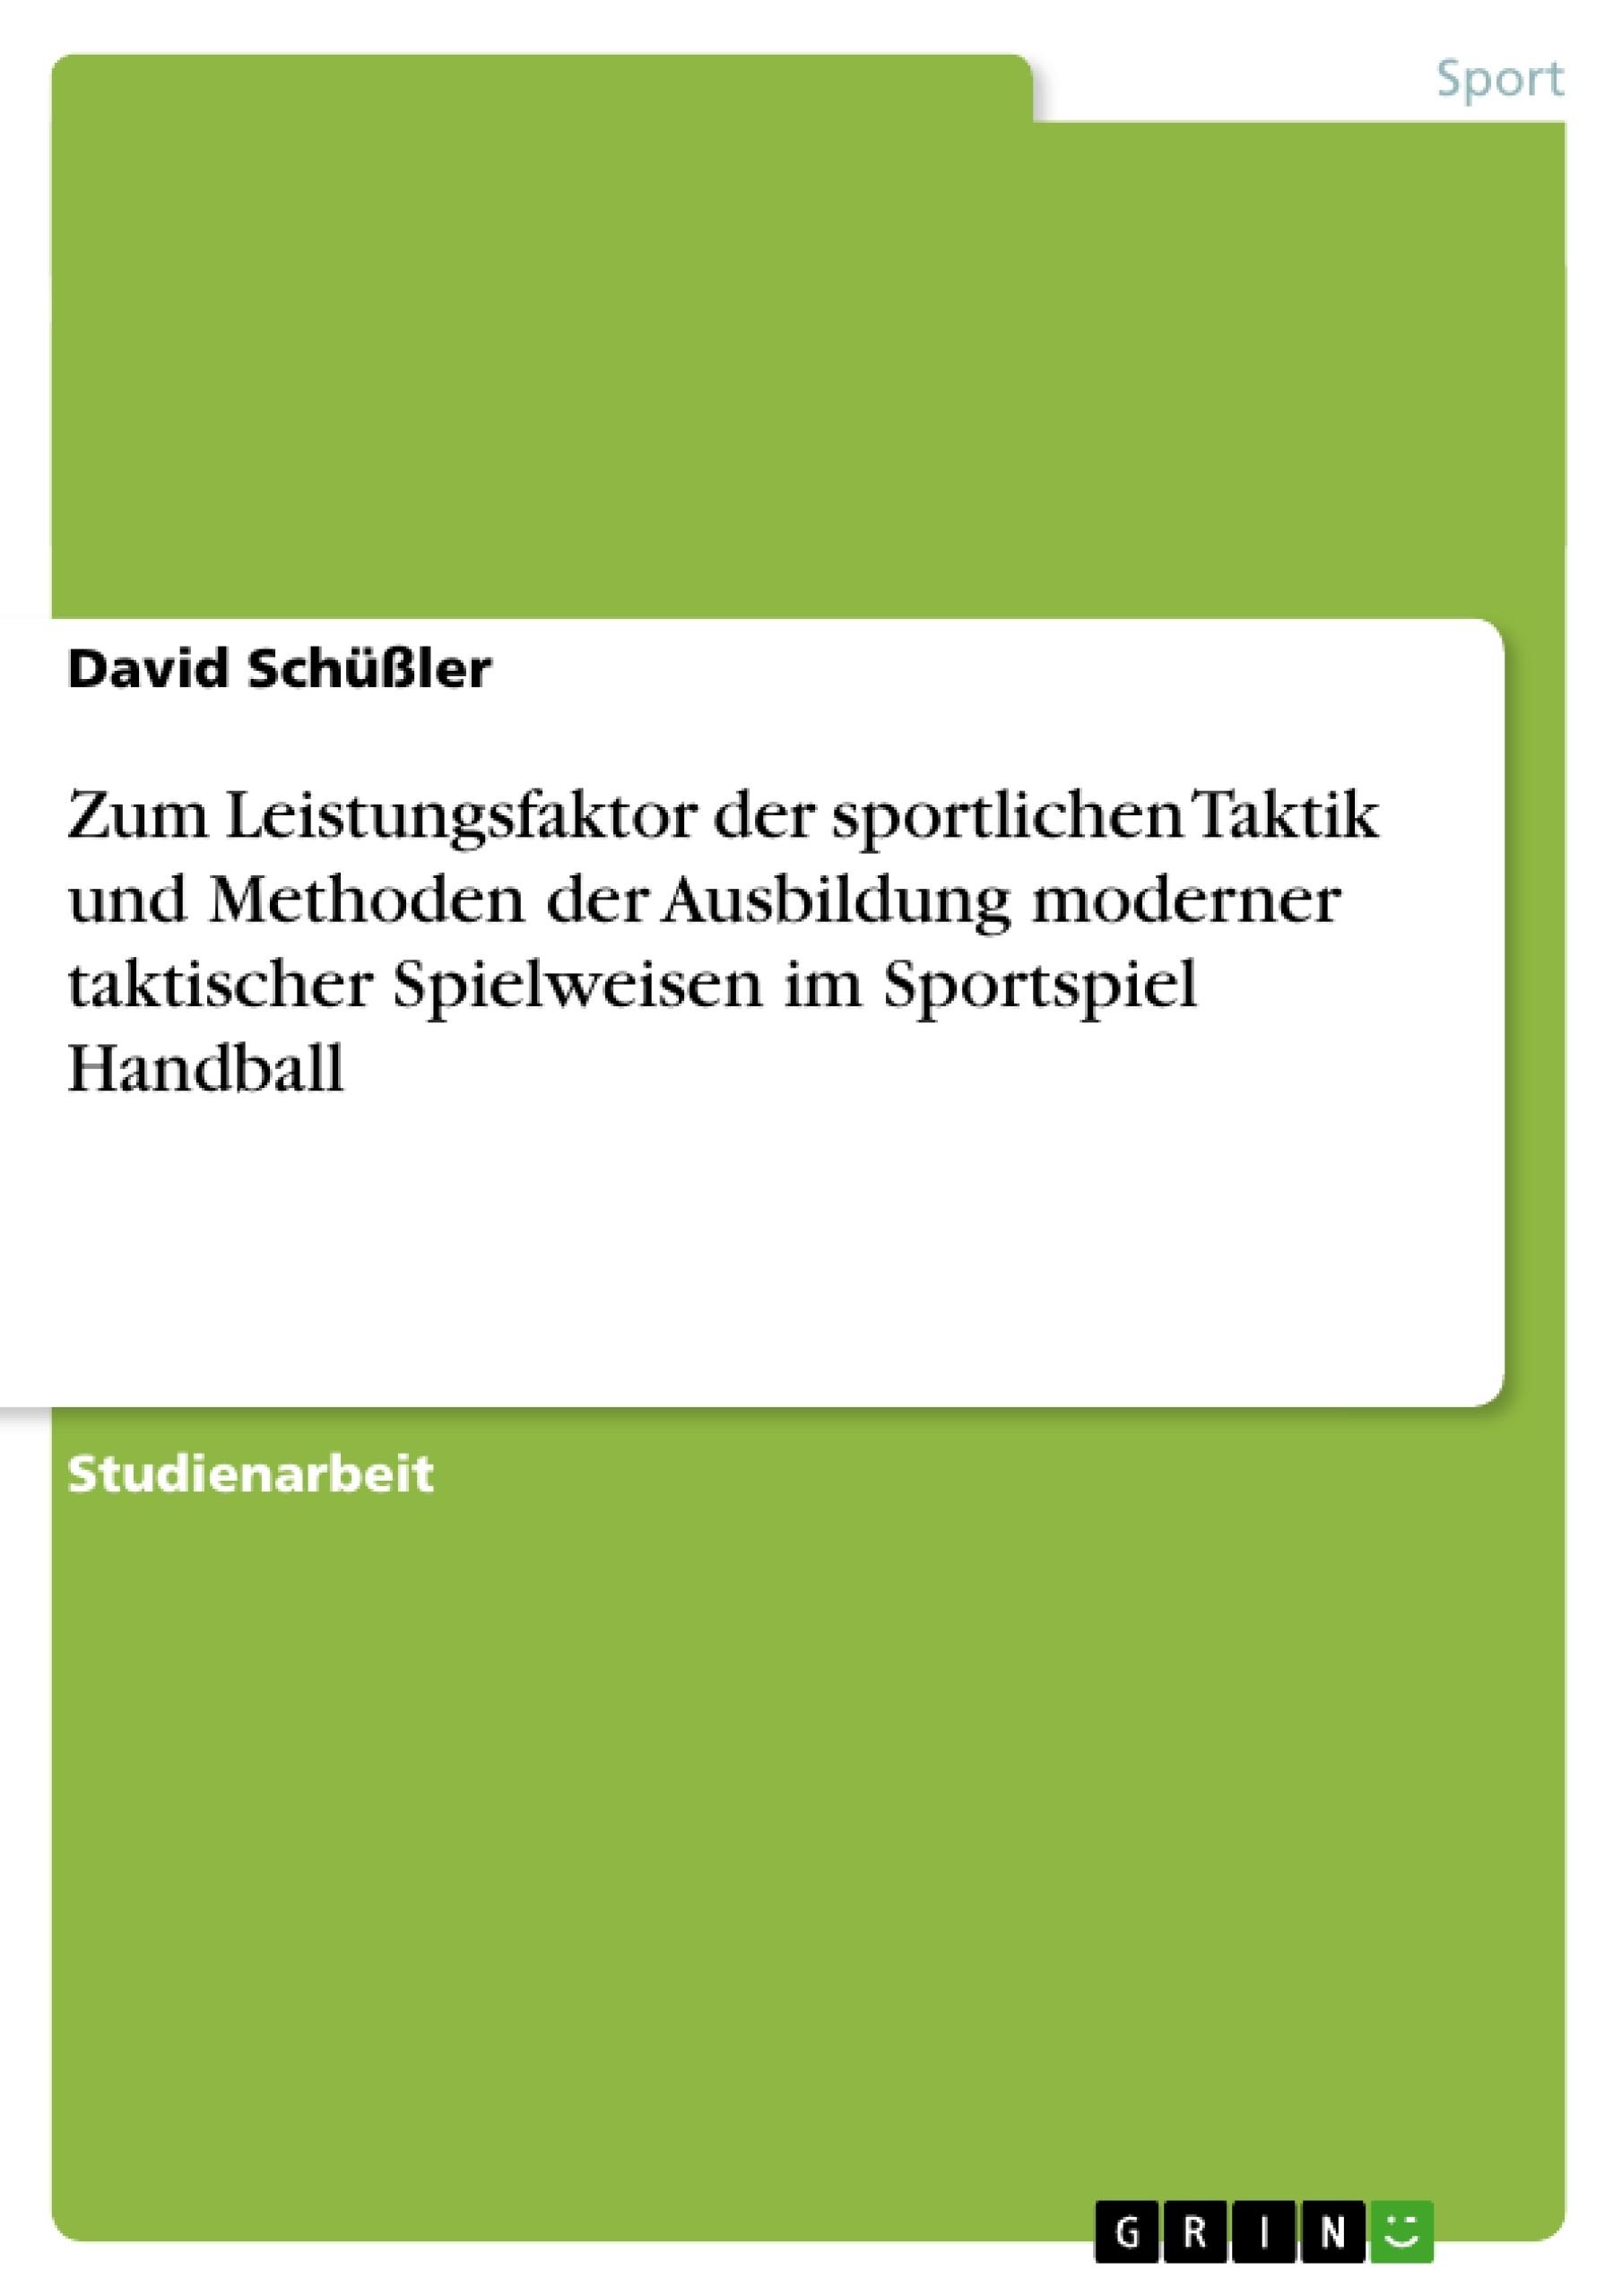 Titel: Zum Leistungsfaktor der sportlichen Taktik und Methoden der Ausbildung moderner taktischer Spielweisen im Sportspiel Handball